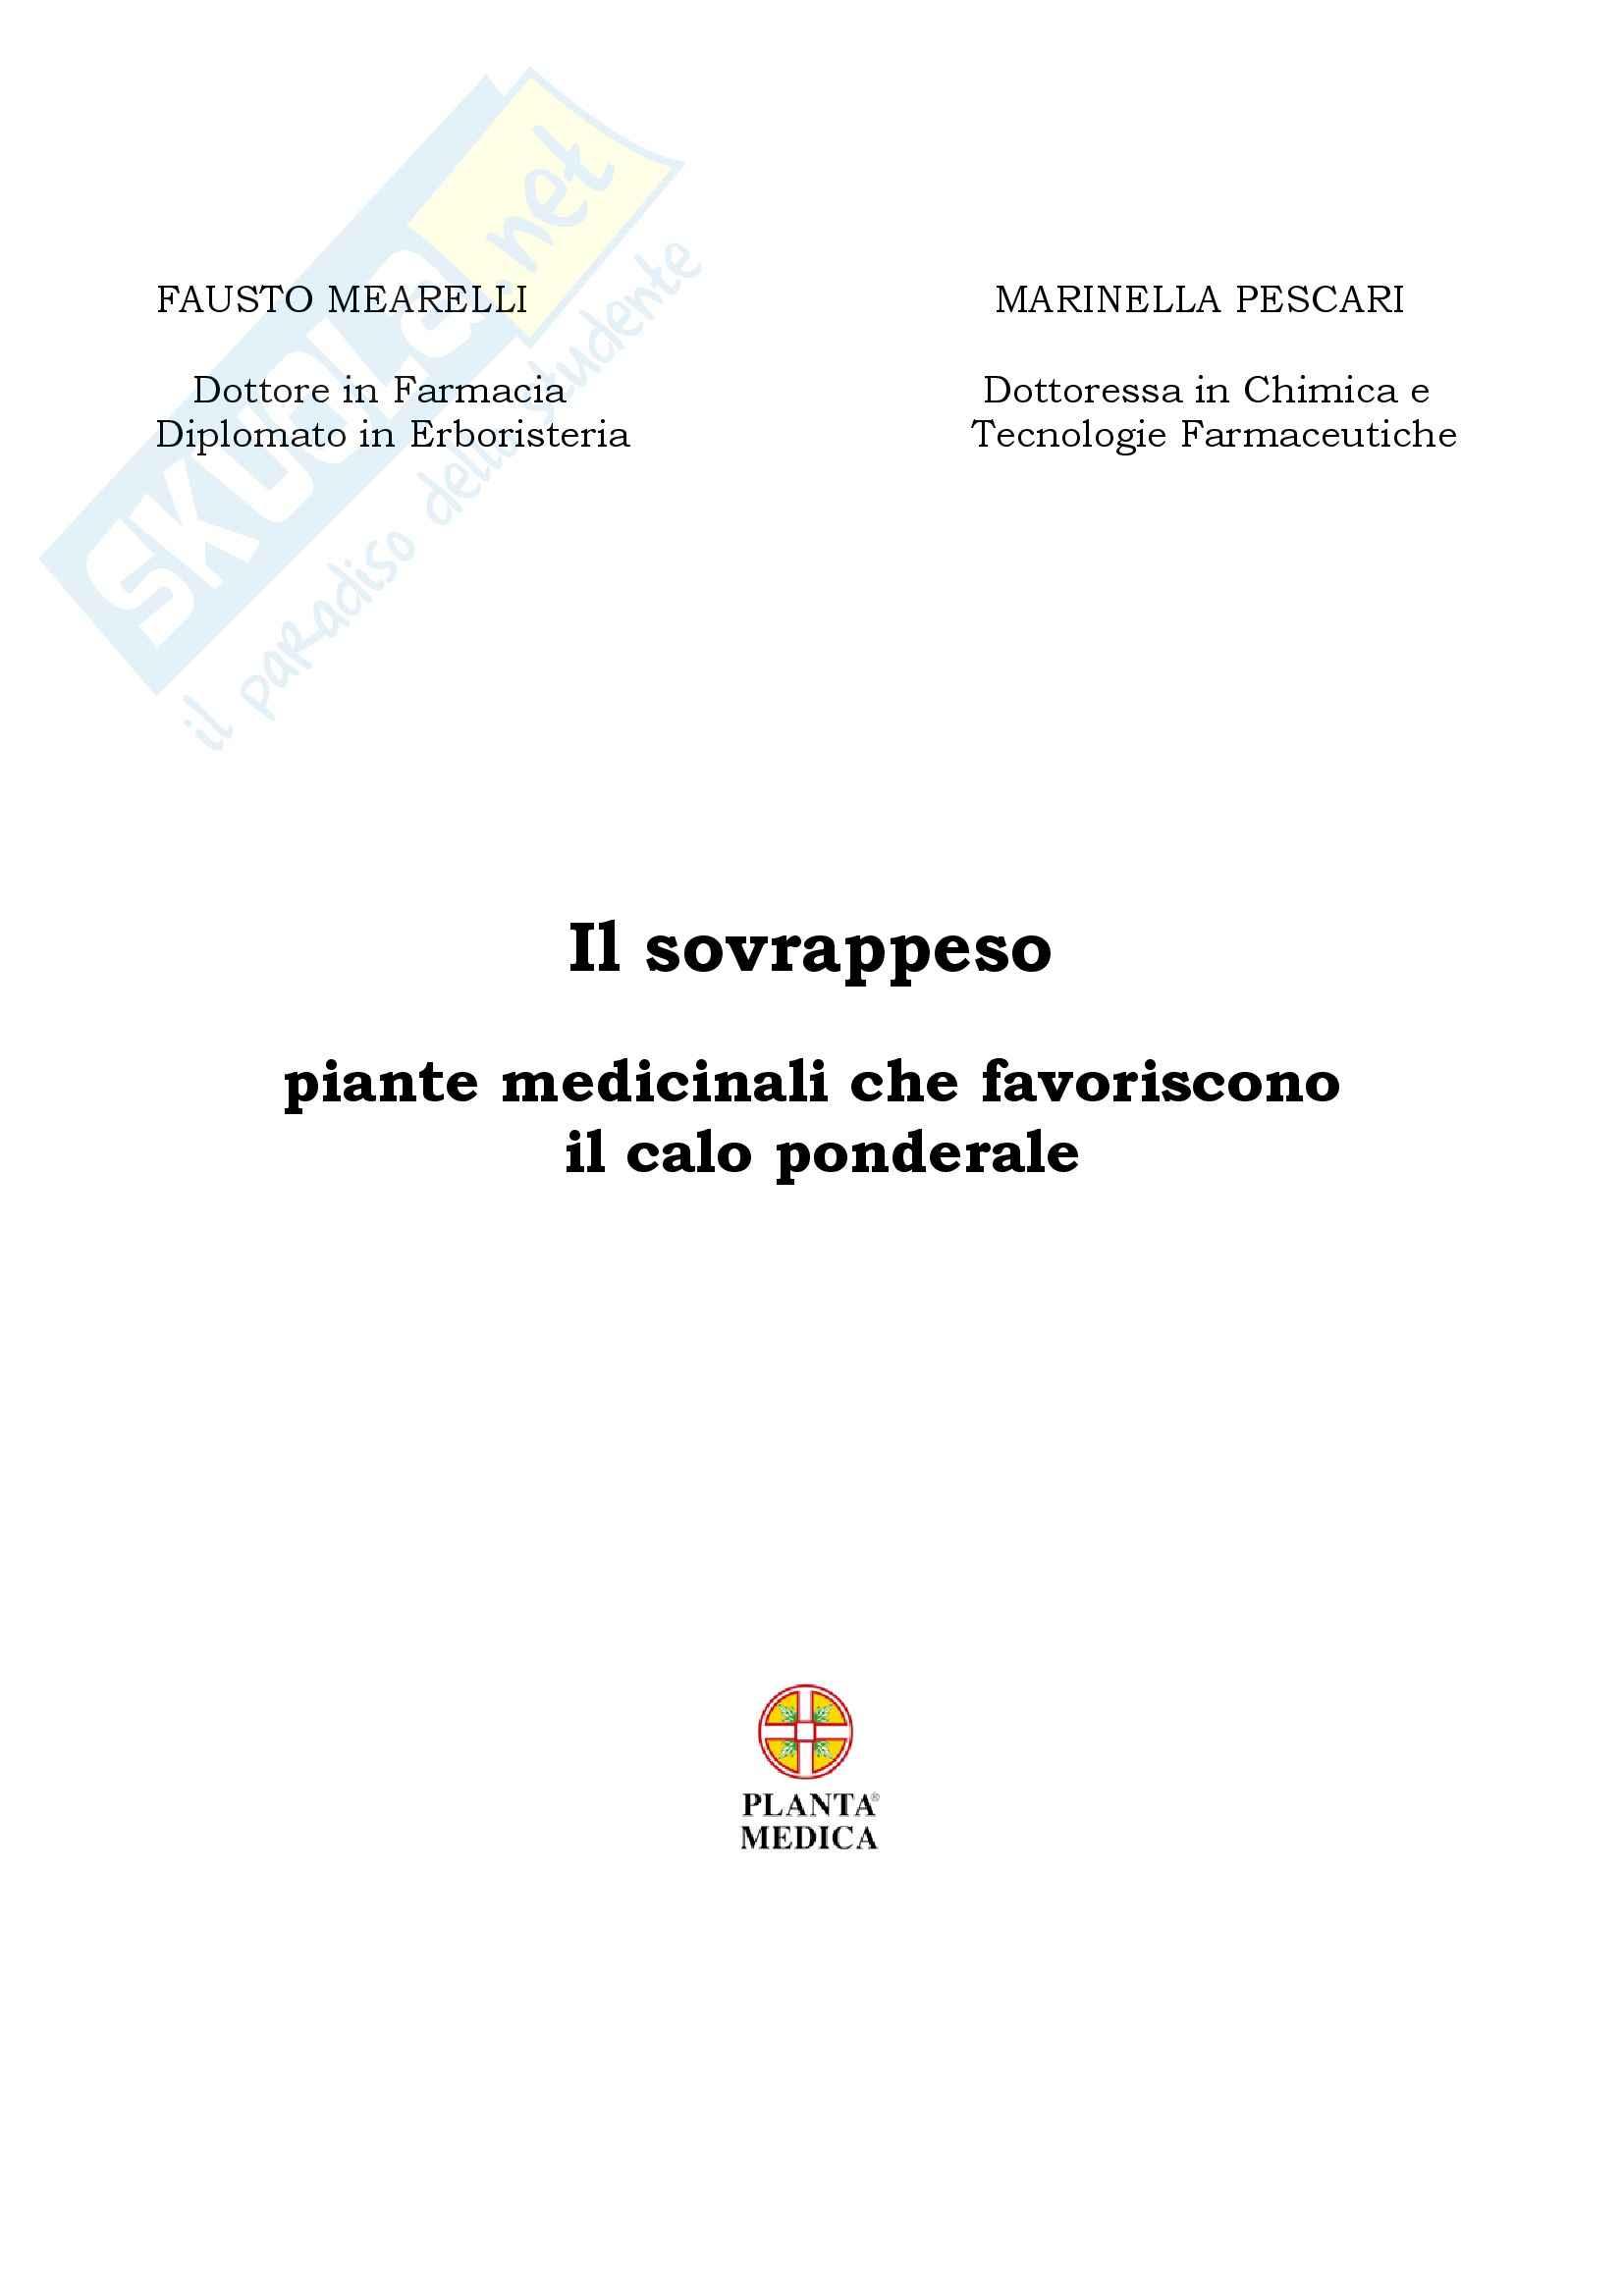 Farmacologia - sovrappeso e piante medicinali